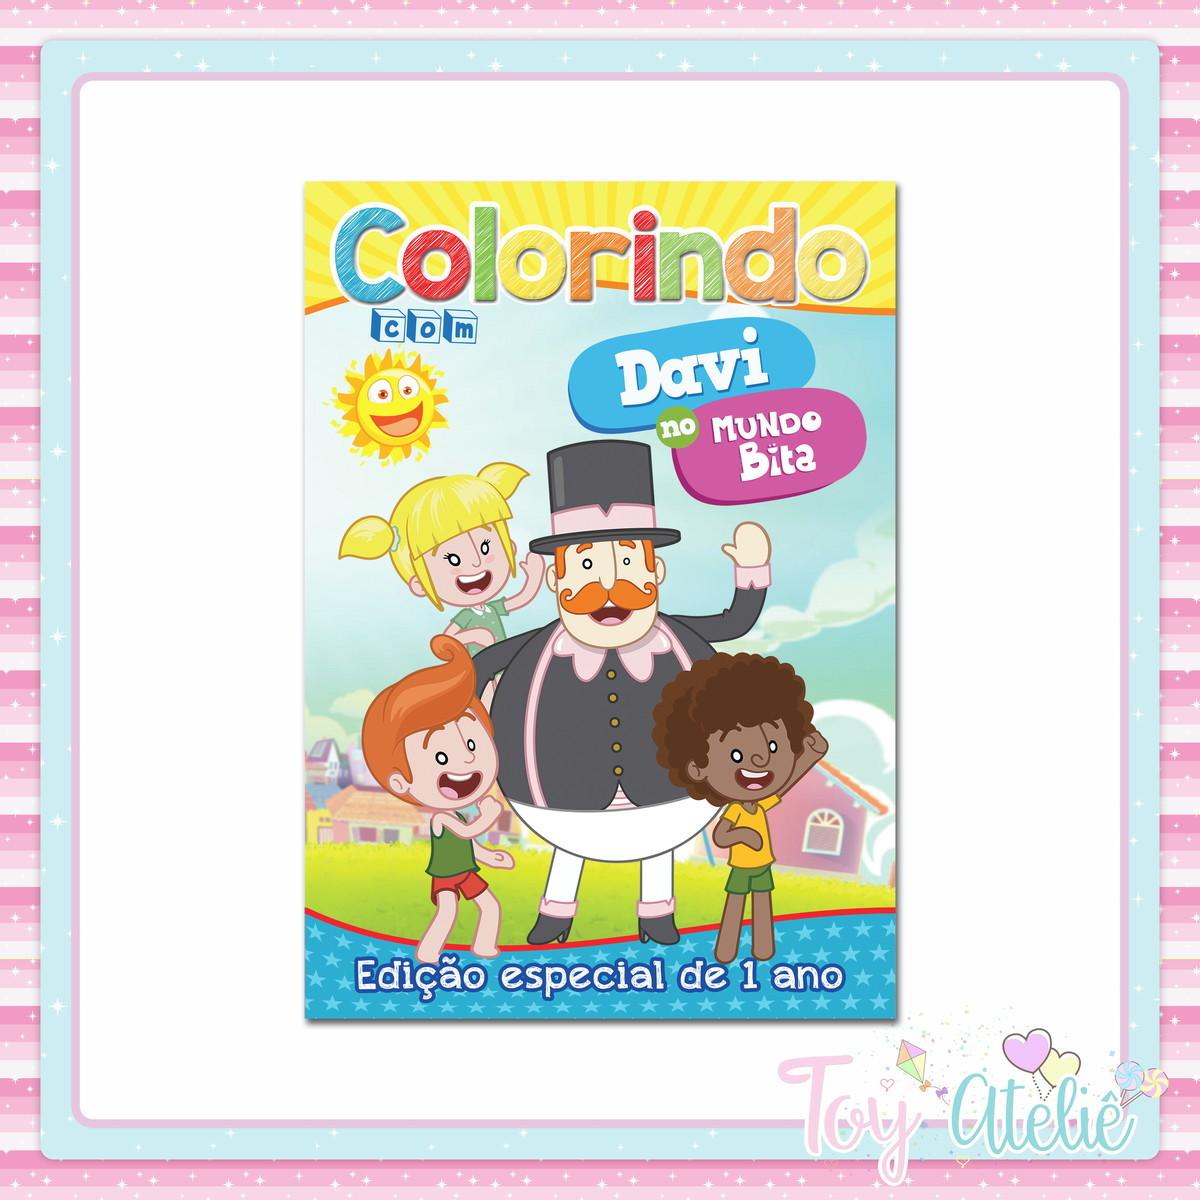 Livrinho De Colorir Mundo Bita No Elo7 Toy Atelie 1169a96